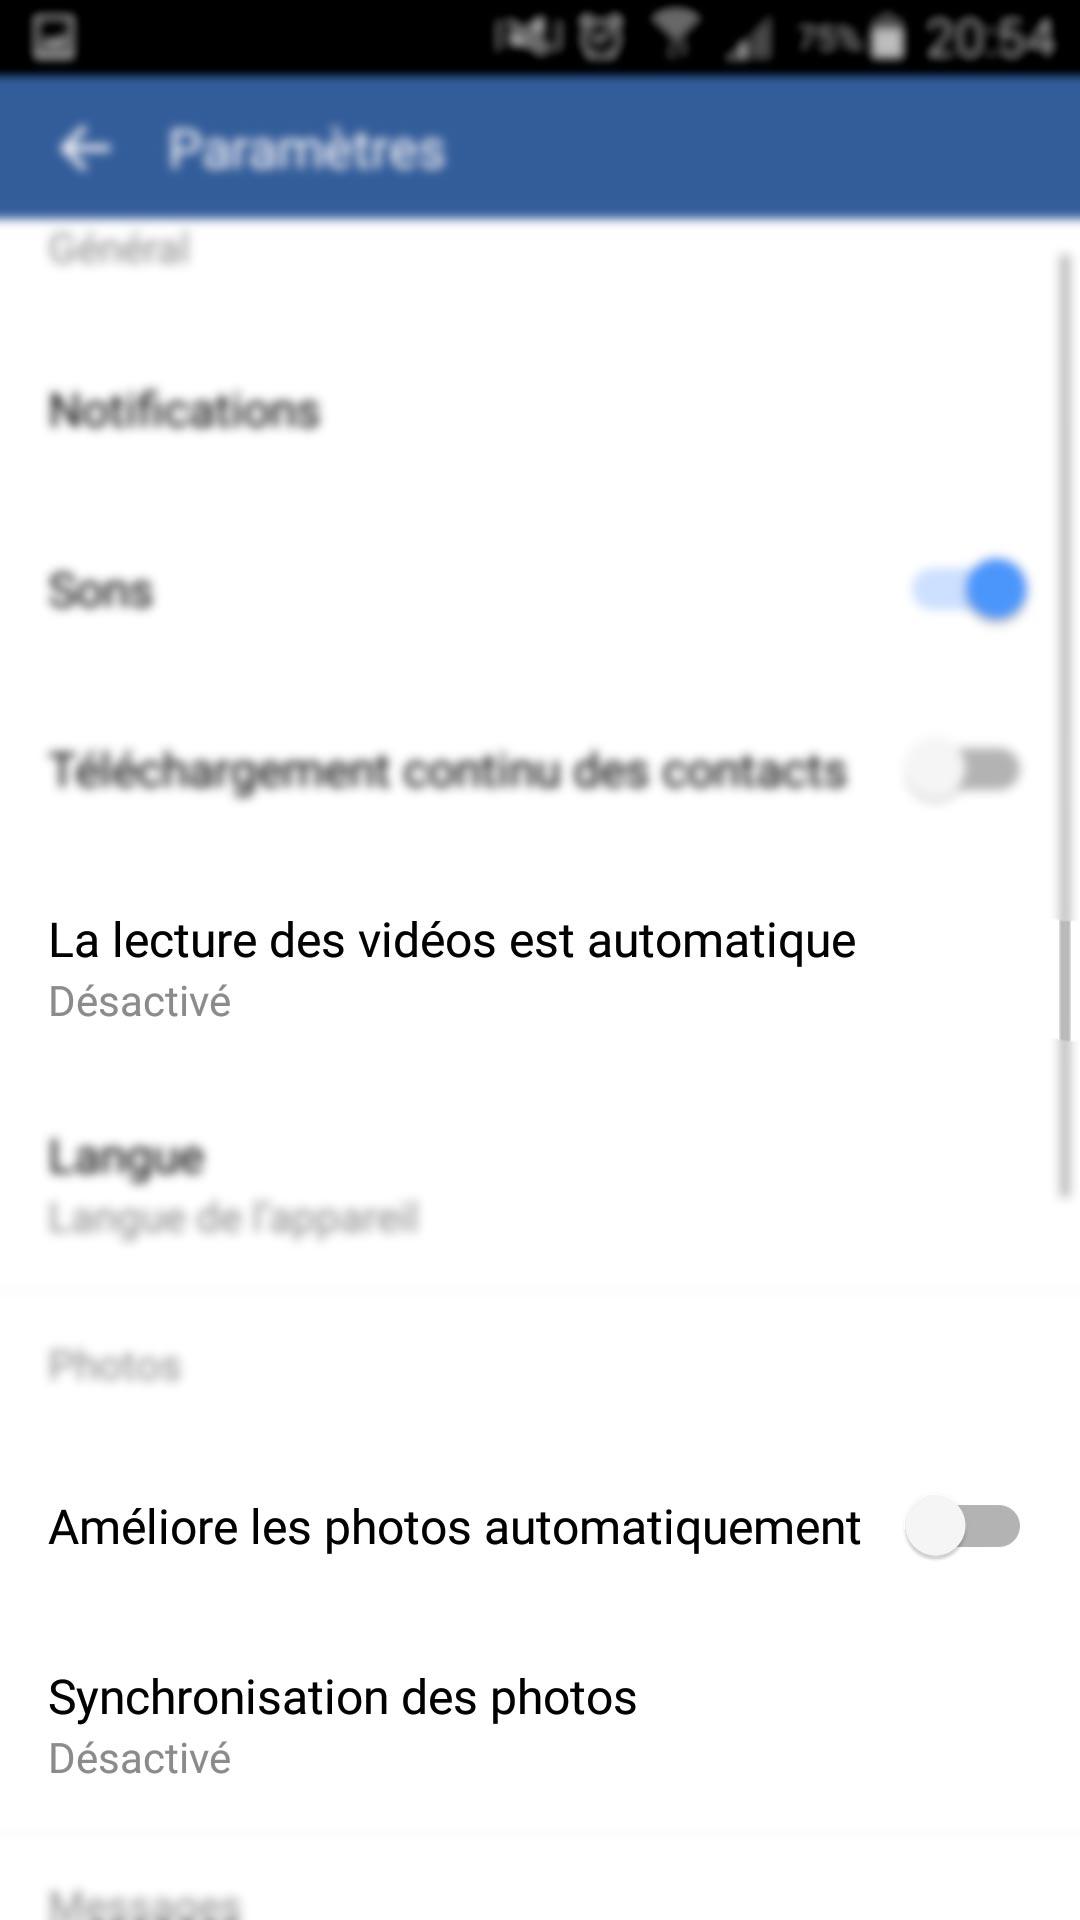 Facebook - Lecture des vidéos automatique - Améliore les photos - Synchronisation des photos = désactivé